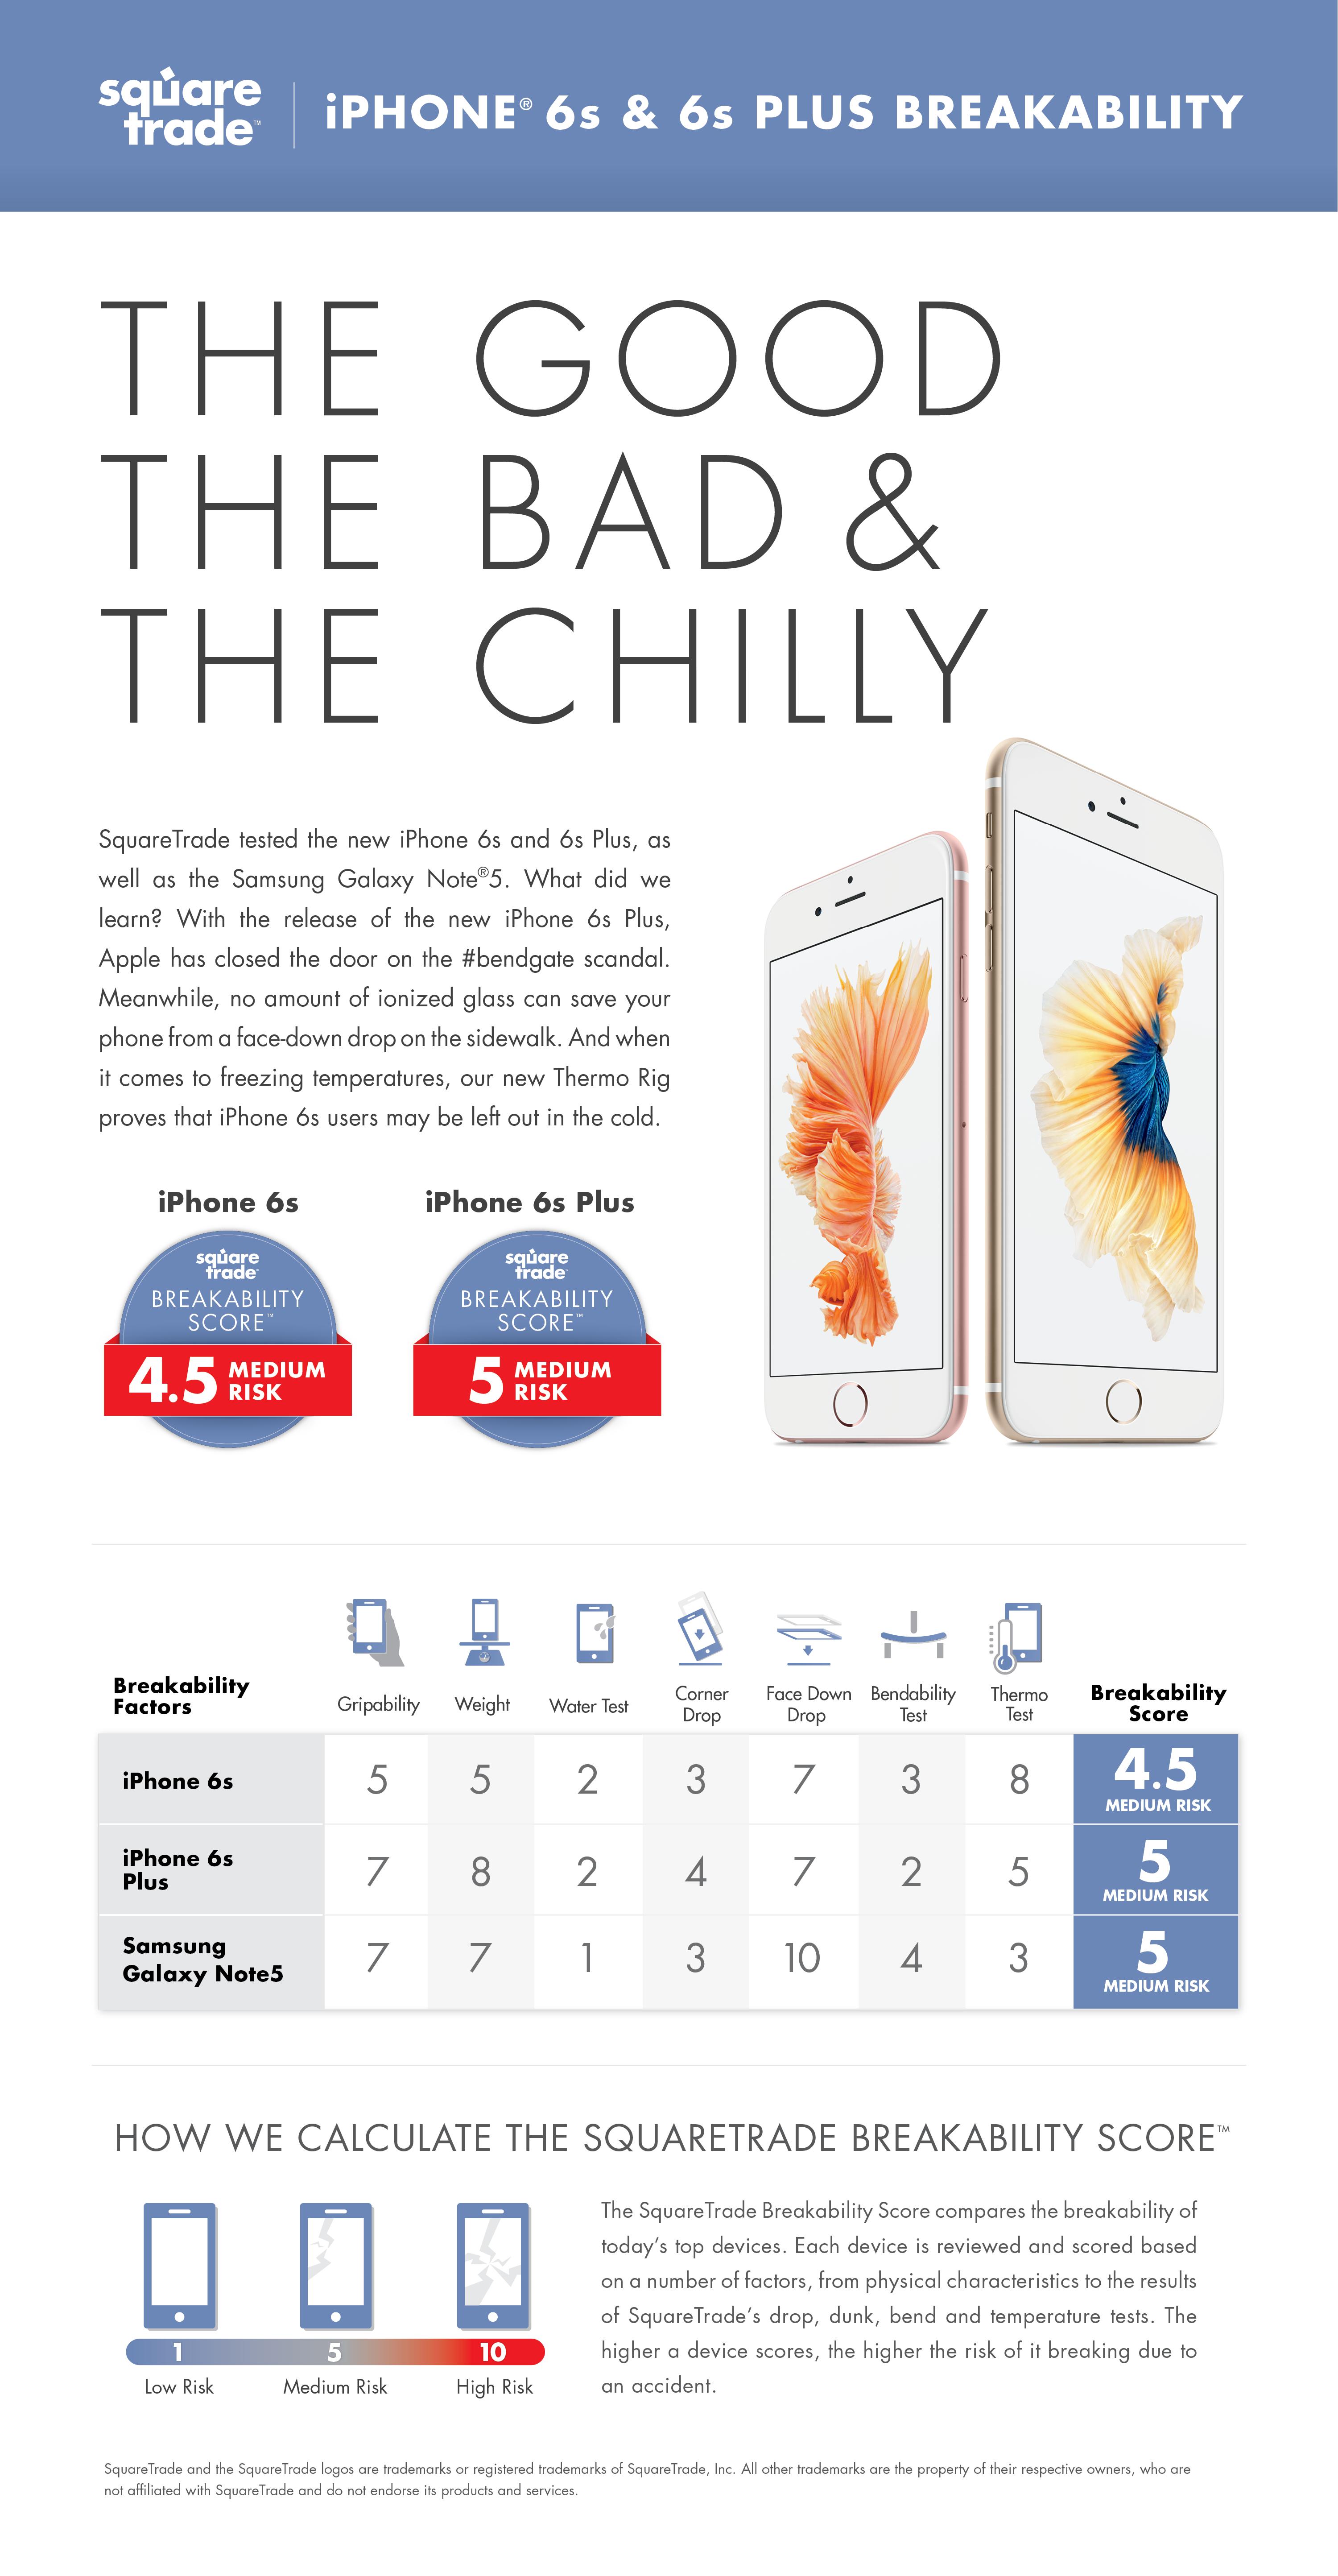 SquareTrade testa os iPhones 6s e 6s Plus